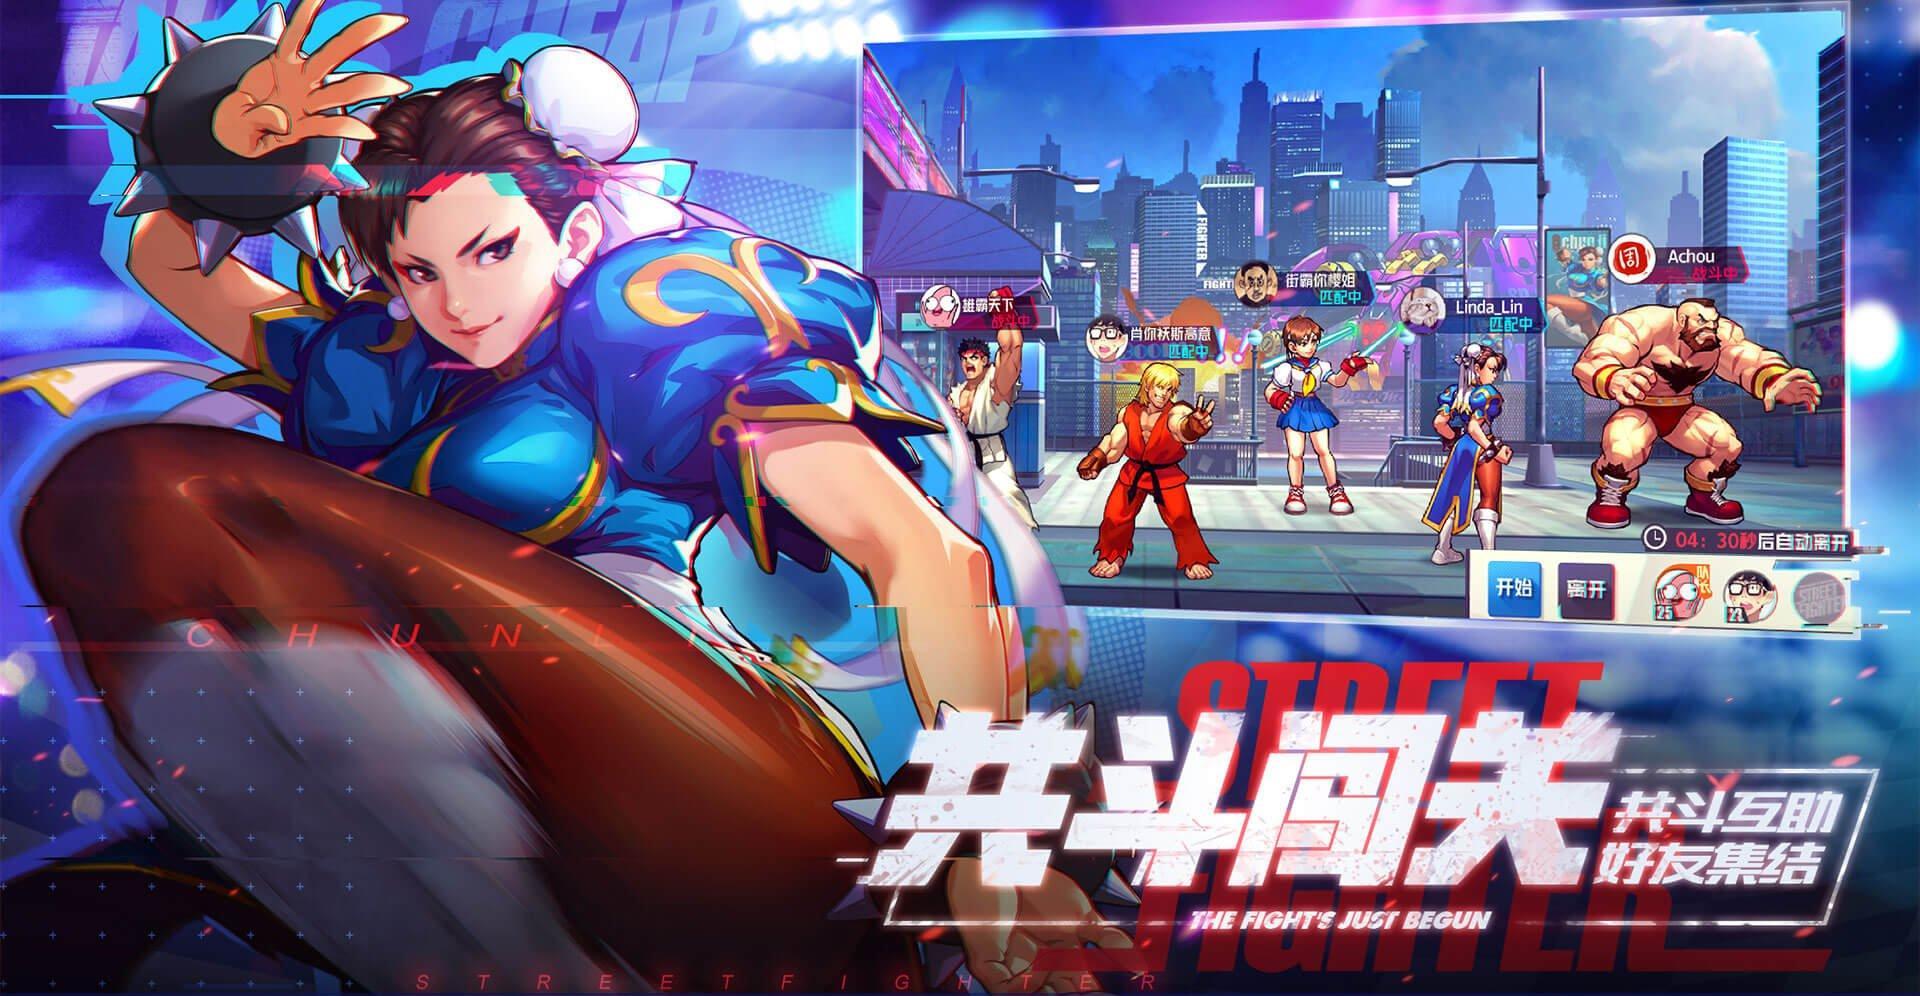 Street Fighter Duel Chun Li